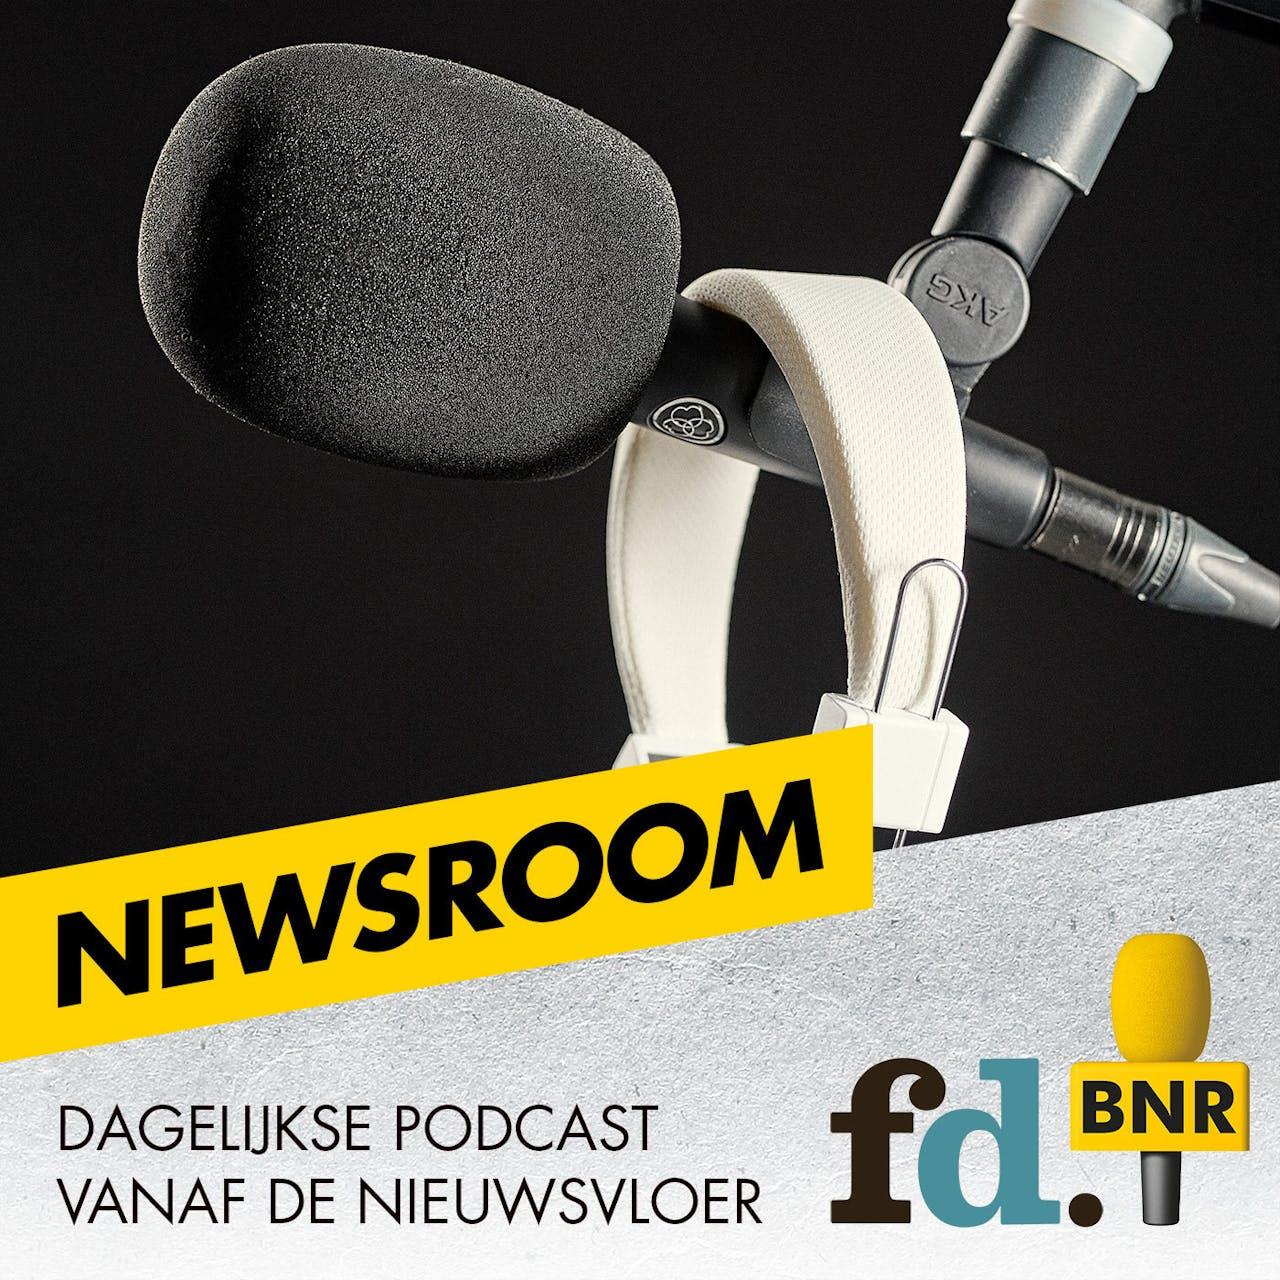 FD - BNR Newsroom